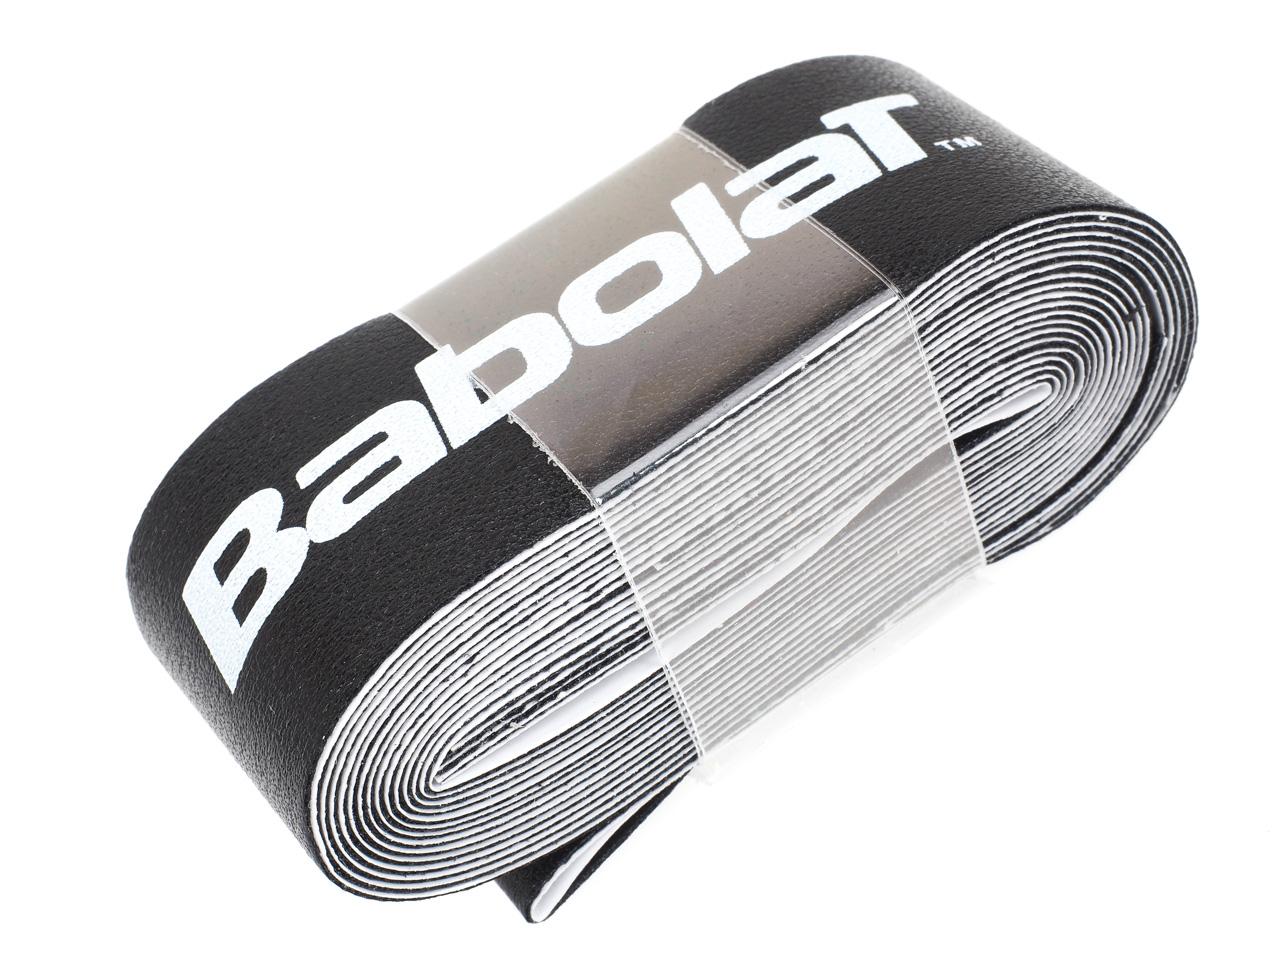 Protection-de-raquette-tennis-Babolat-Super-tape-noir-Noir-14136-Neuf miniature 4